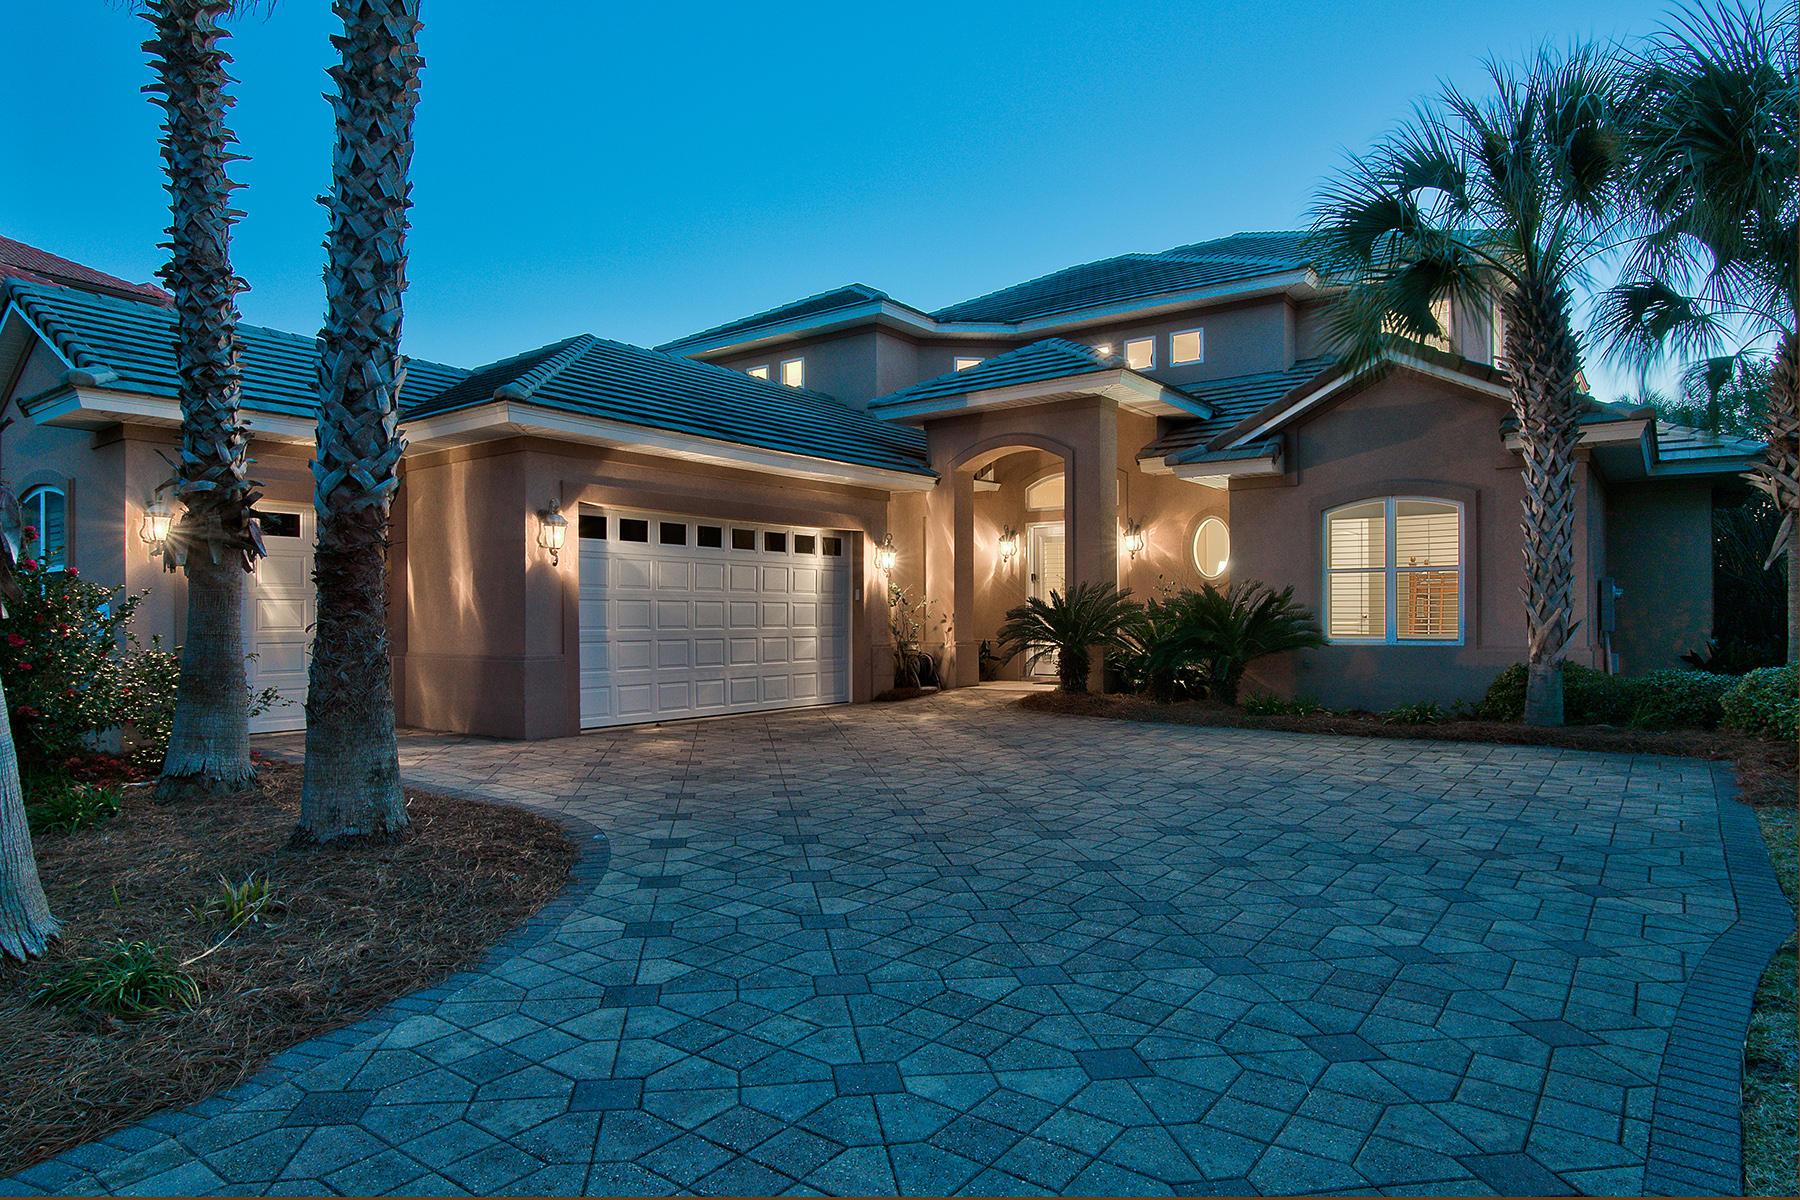 一戸建て のために 売買 アット ELEGANT LAKE FRONT RESIDENCE IN GATED COMMUNITY 68 Tranquility Lane Destin, フロリダ, 32541 アメリカ合衆国